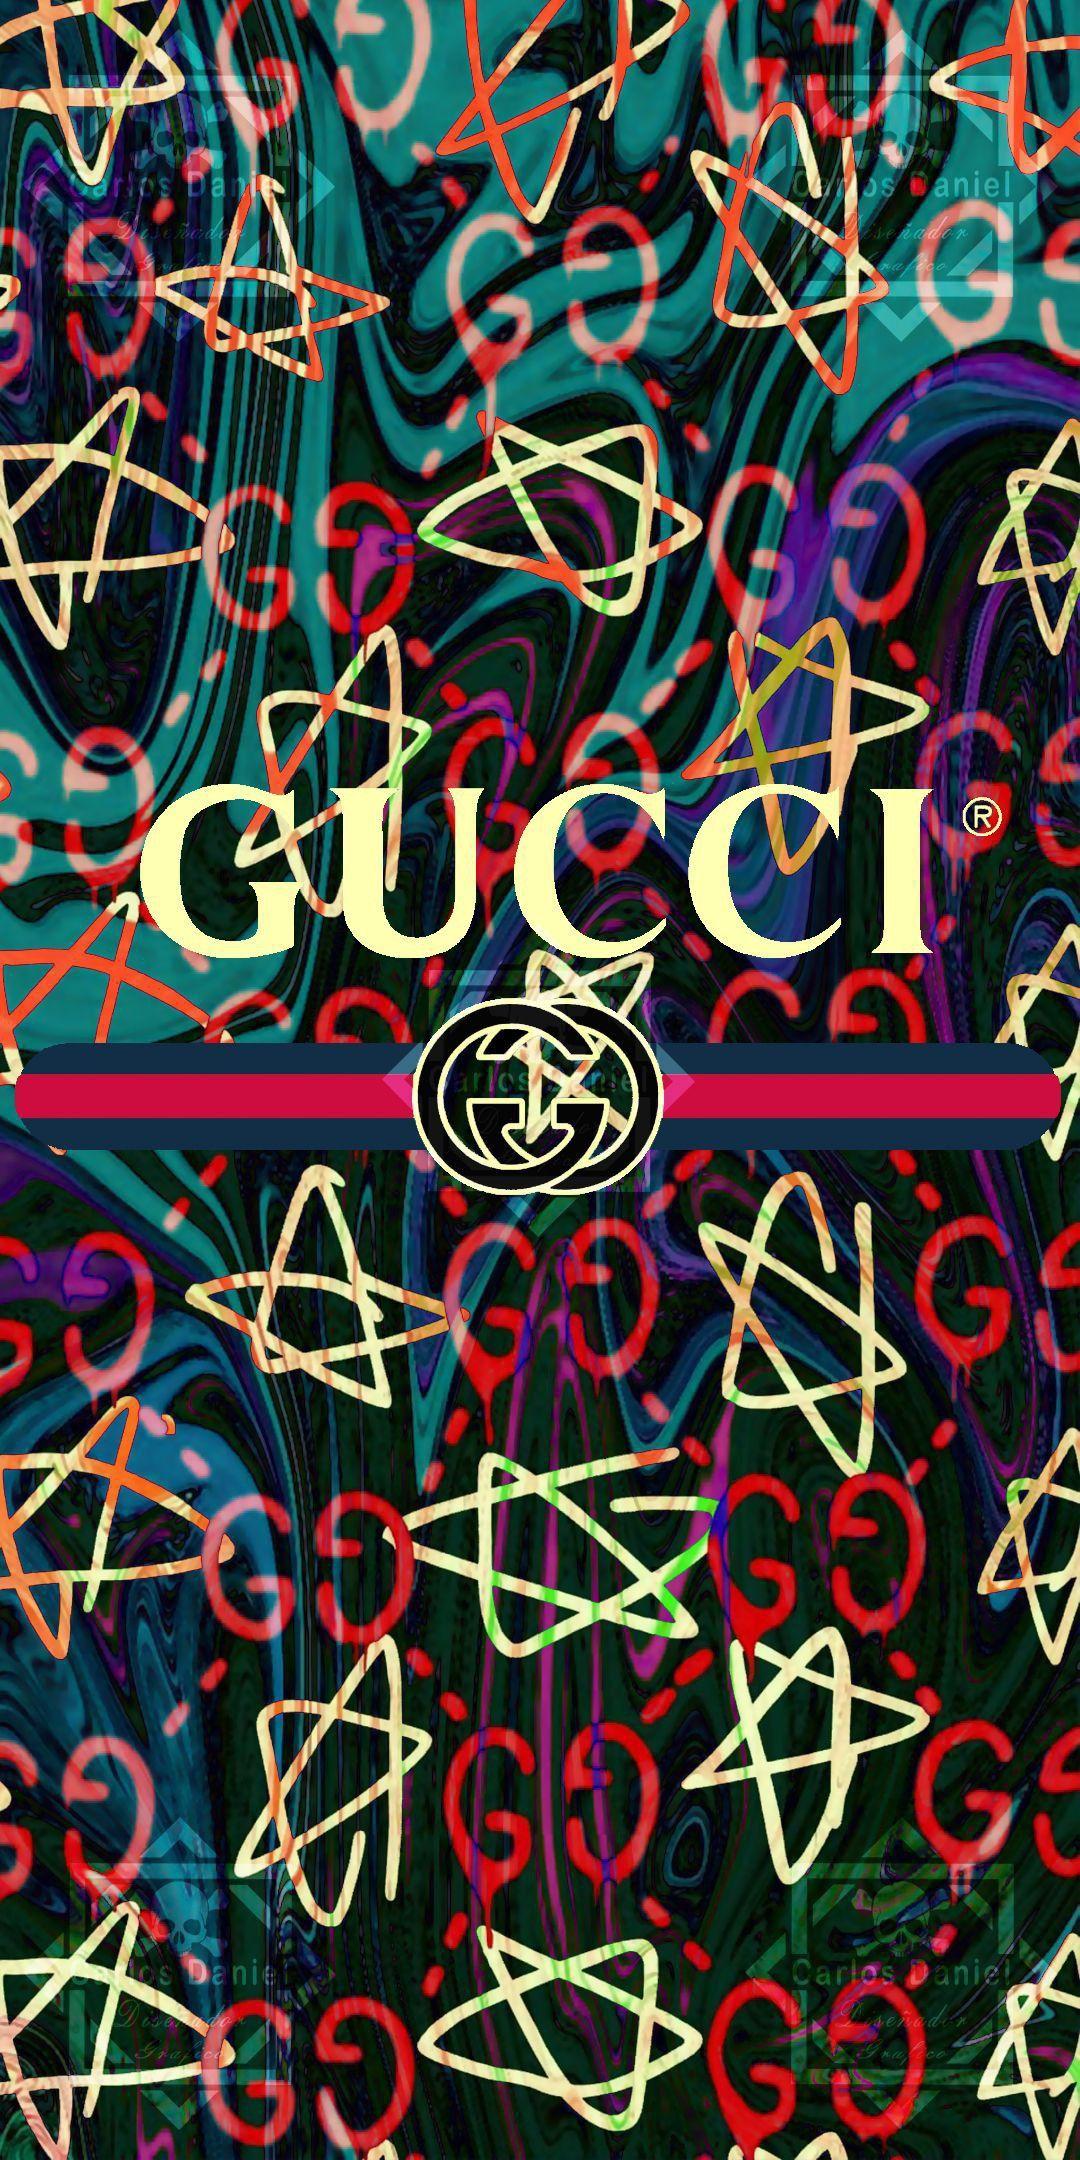 Gucci wallpaper Sfondi per iphone, Sfondi iphone, Sfondi